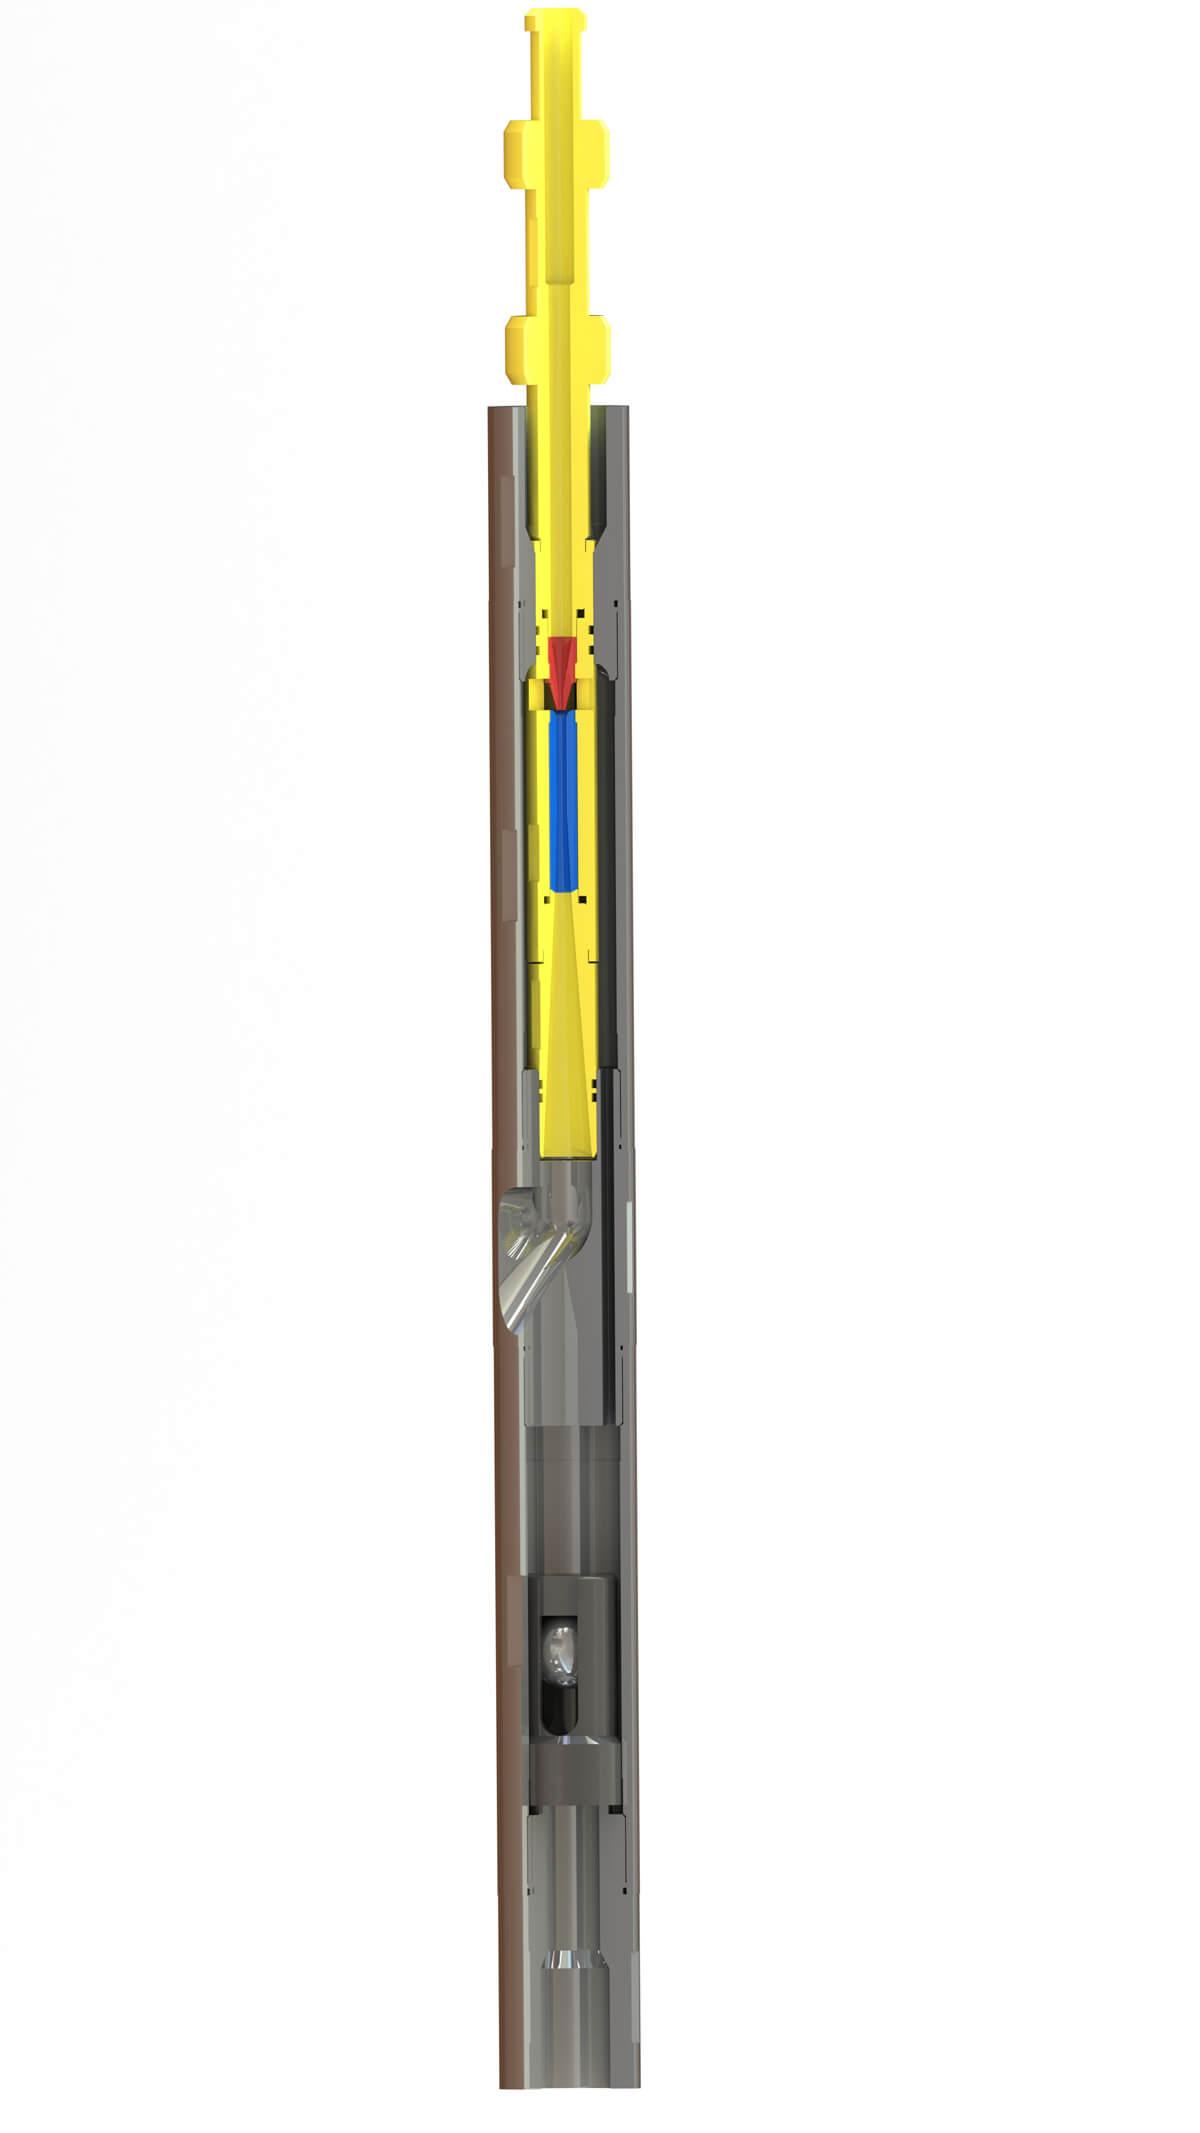 Tech-Flo Jet Pump diagram